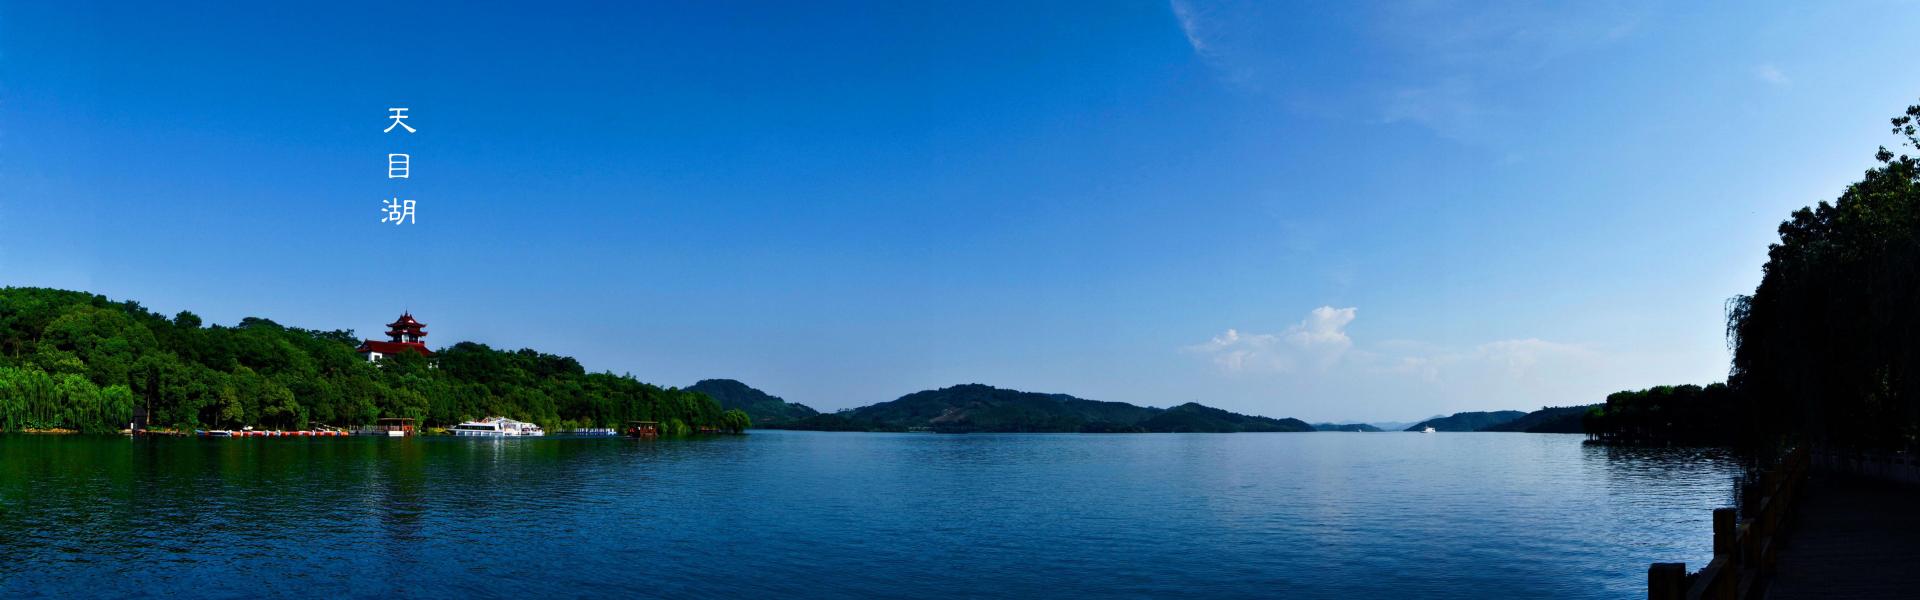 溧阳天目湖